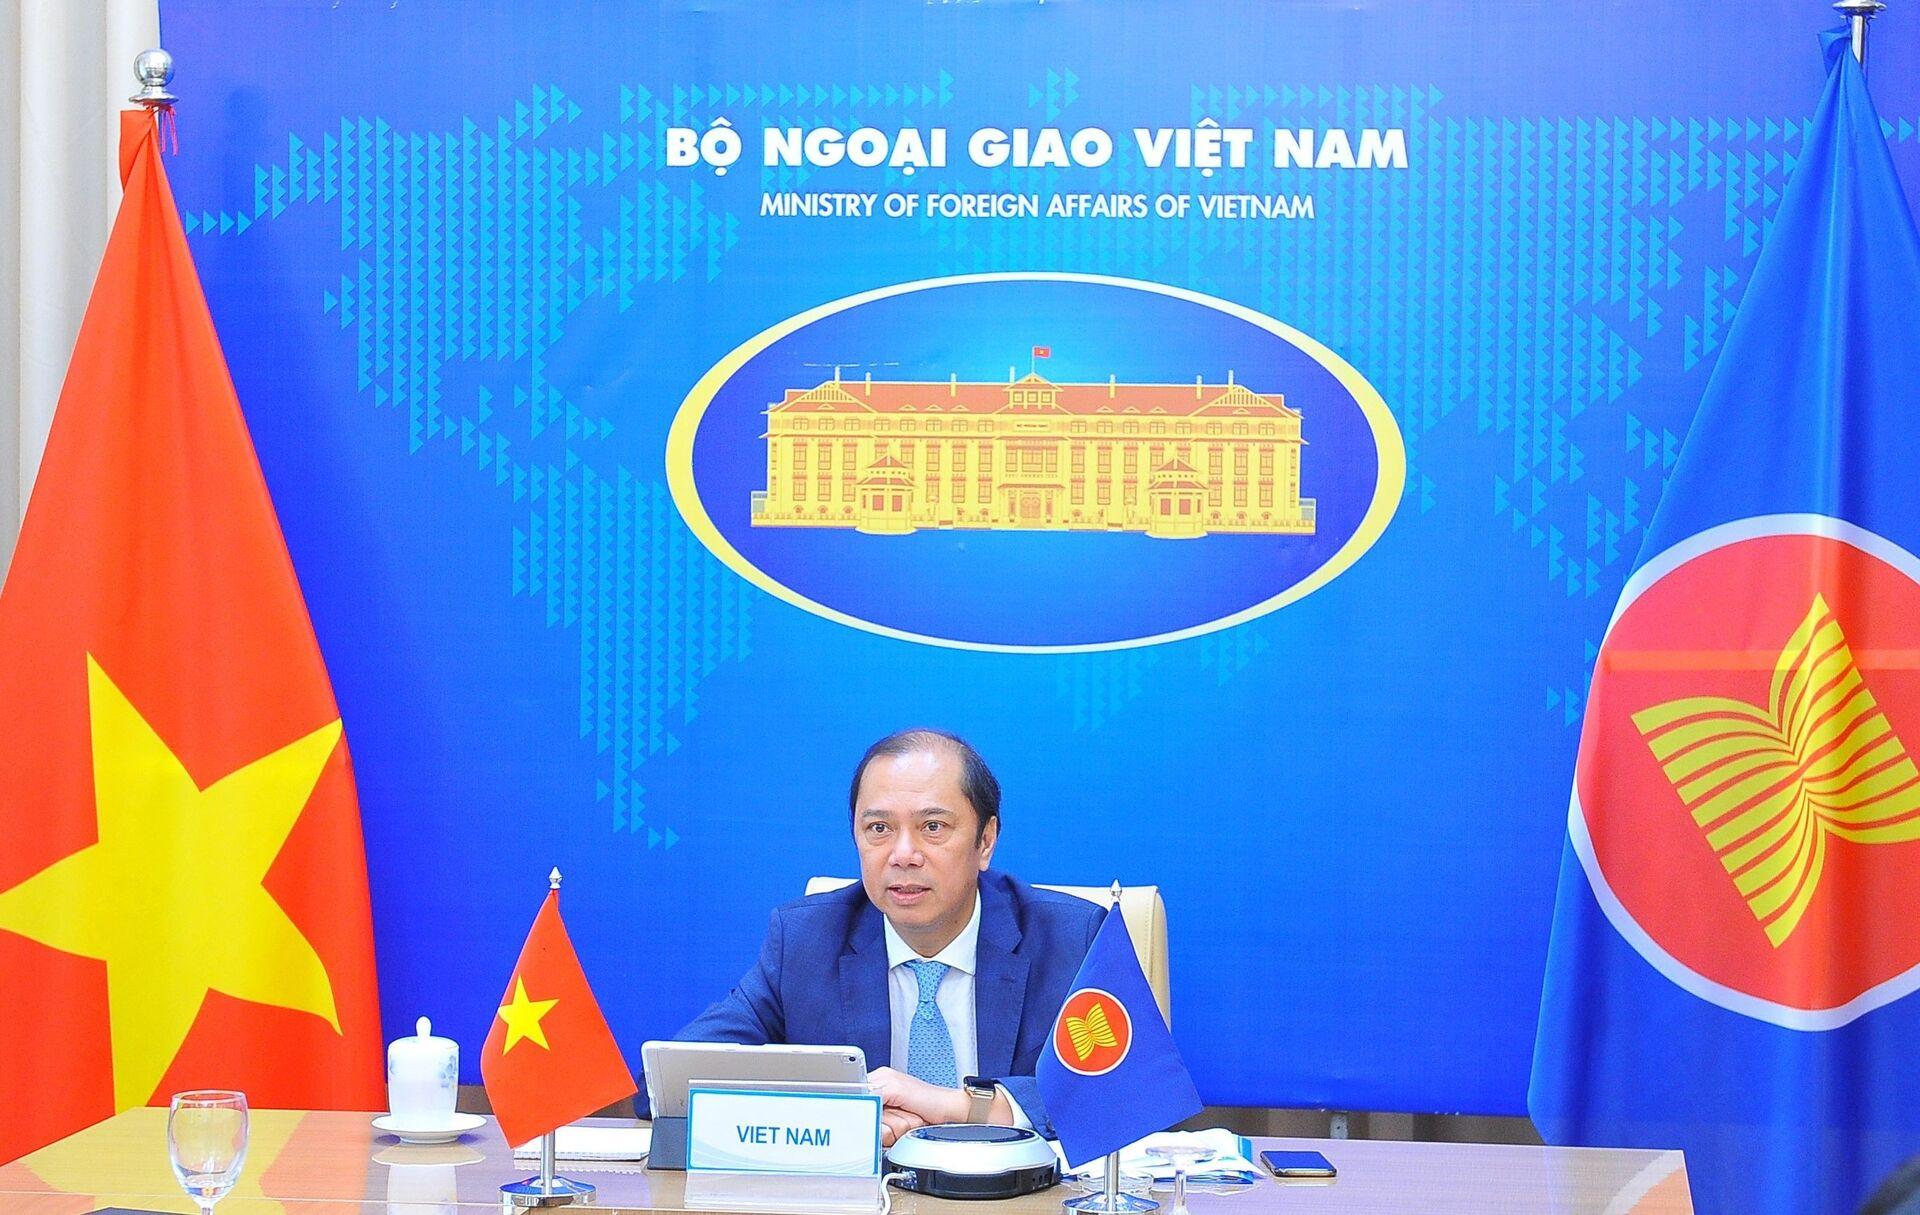 Việt Nam, ASEAN – Trung Quốc 'đủ khôn ngoan' để tránh đối đầu - Sputnik Việt Nam, 1920, 19.05.2021